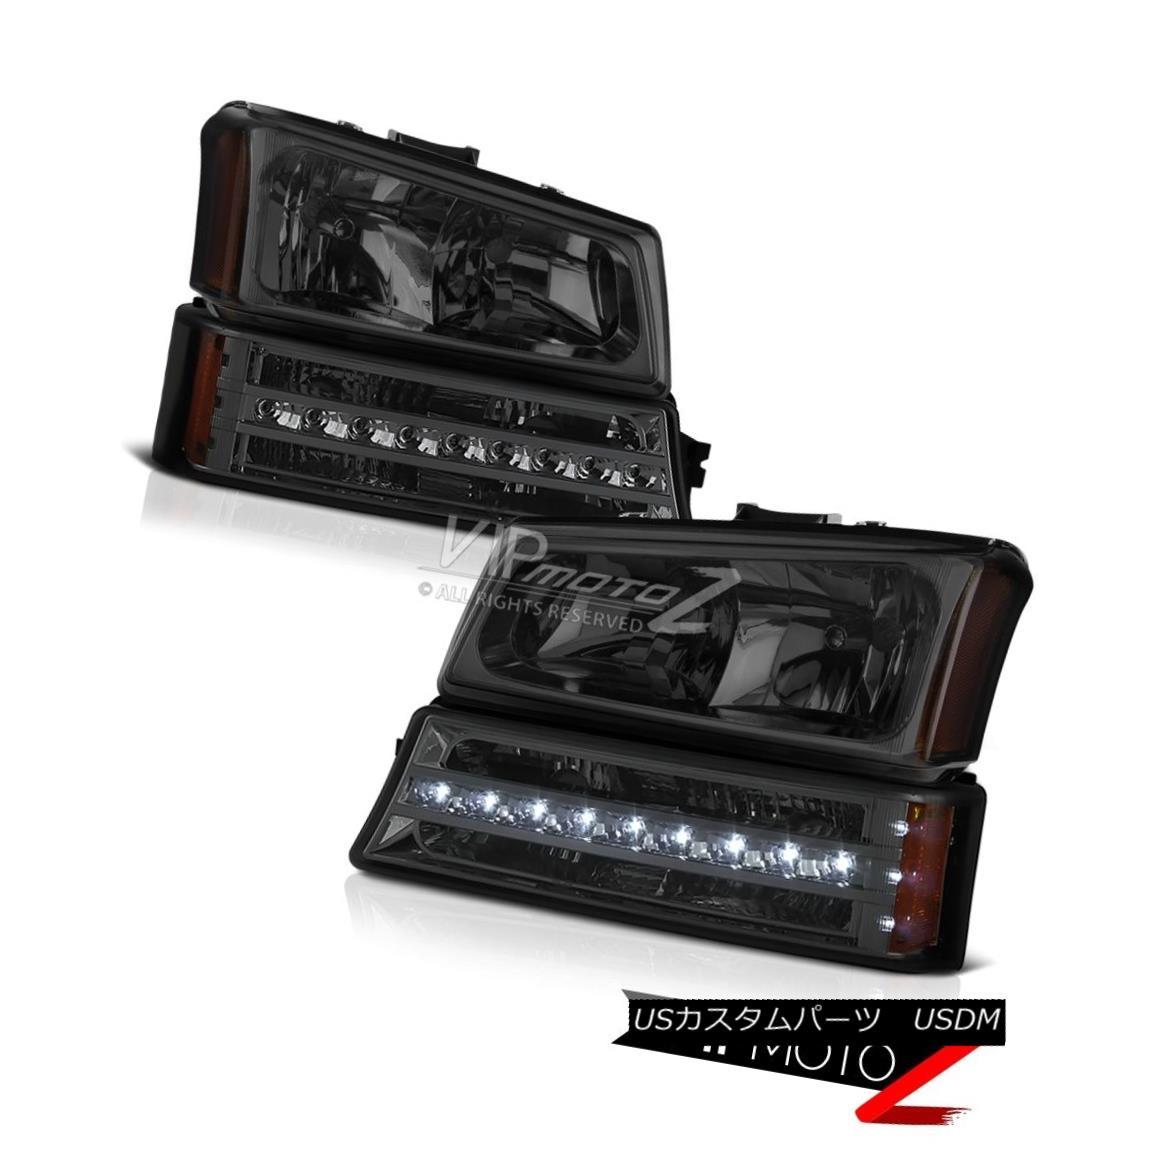 ヘッドライト [PLUG&PLAY] 2003-2006 Chevy Silverado 1500 2500 3500 HD Smoke Bumper Head Lights [PLUG& PLAY] 2003-2006 Chevy Silverado 1500 2500 3500 HDスモークバンパーヘッドライト